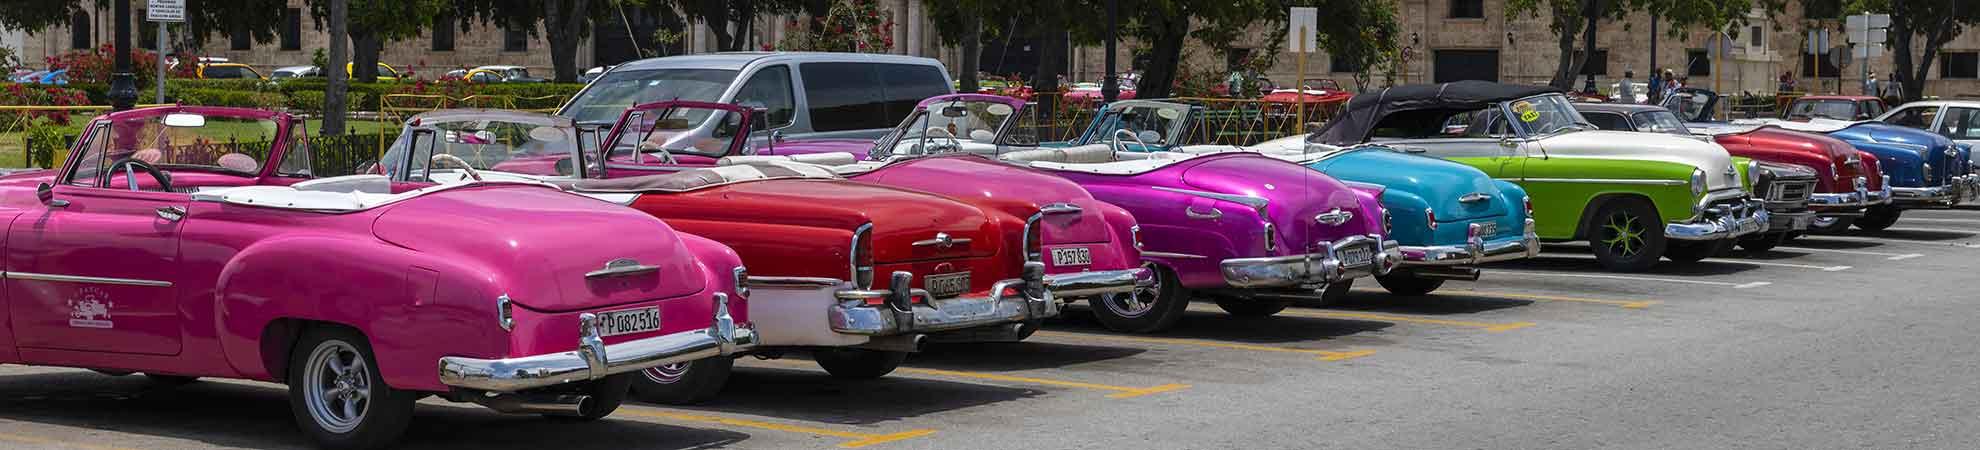 Transport Cuba